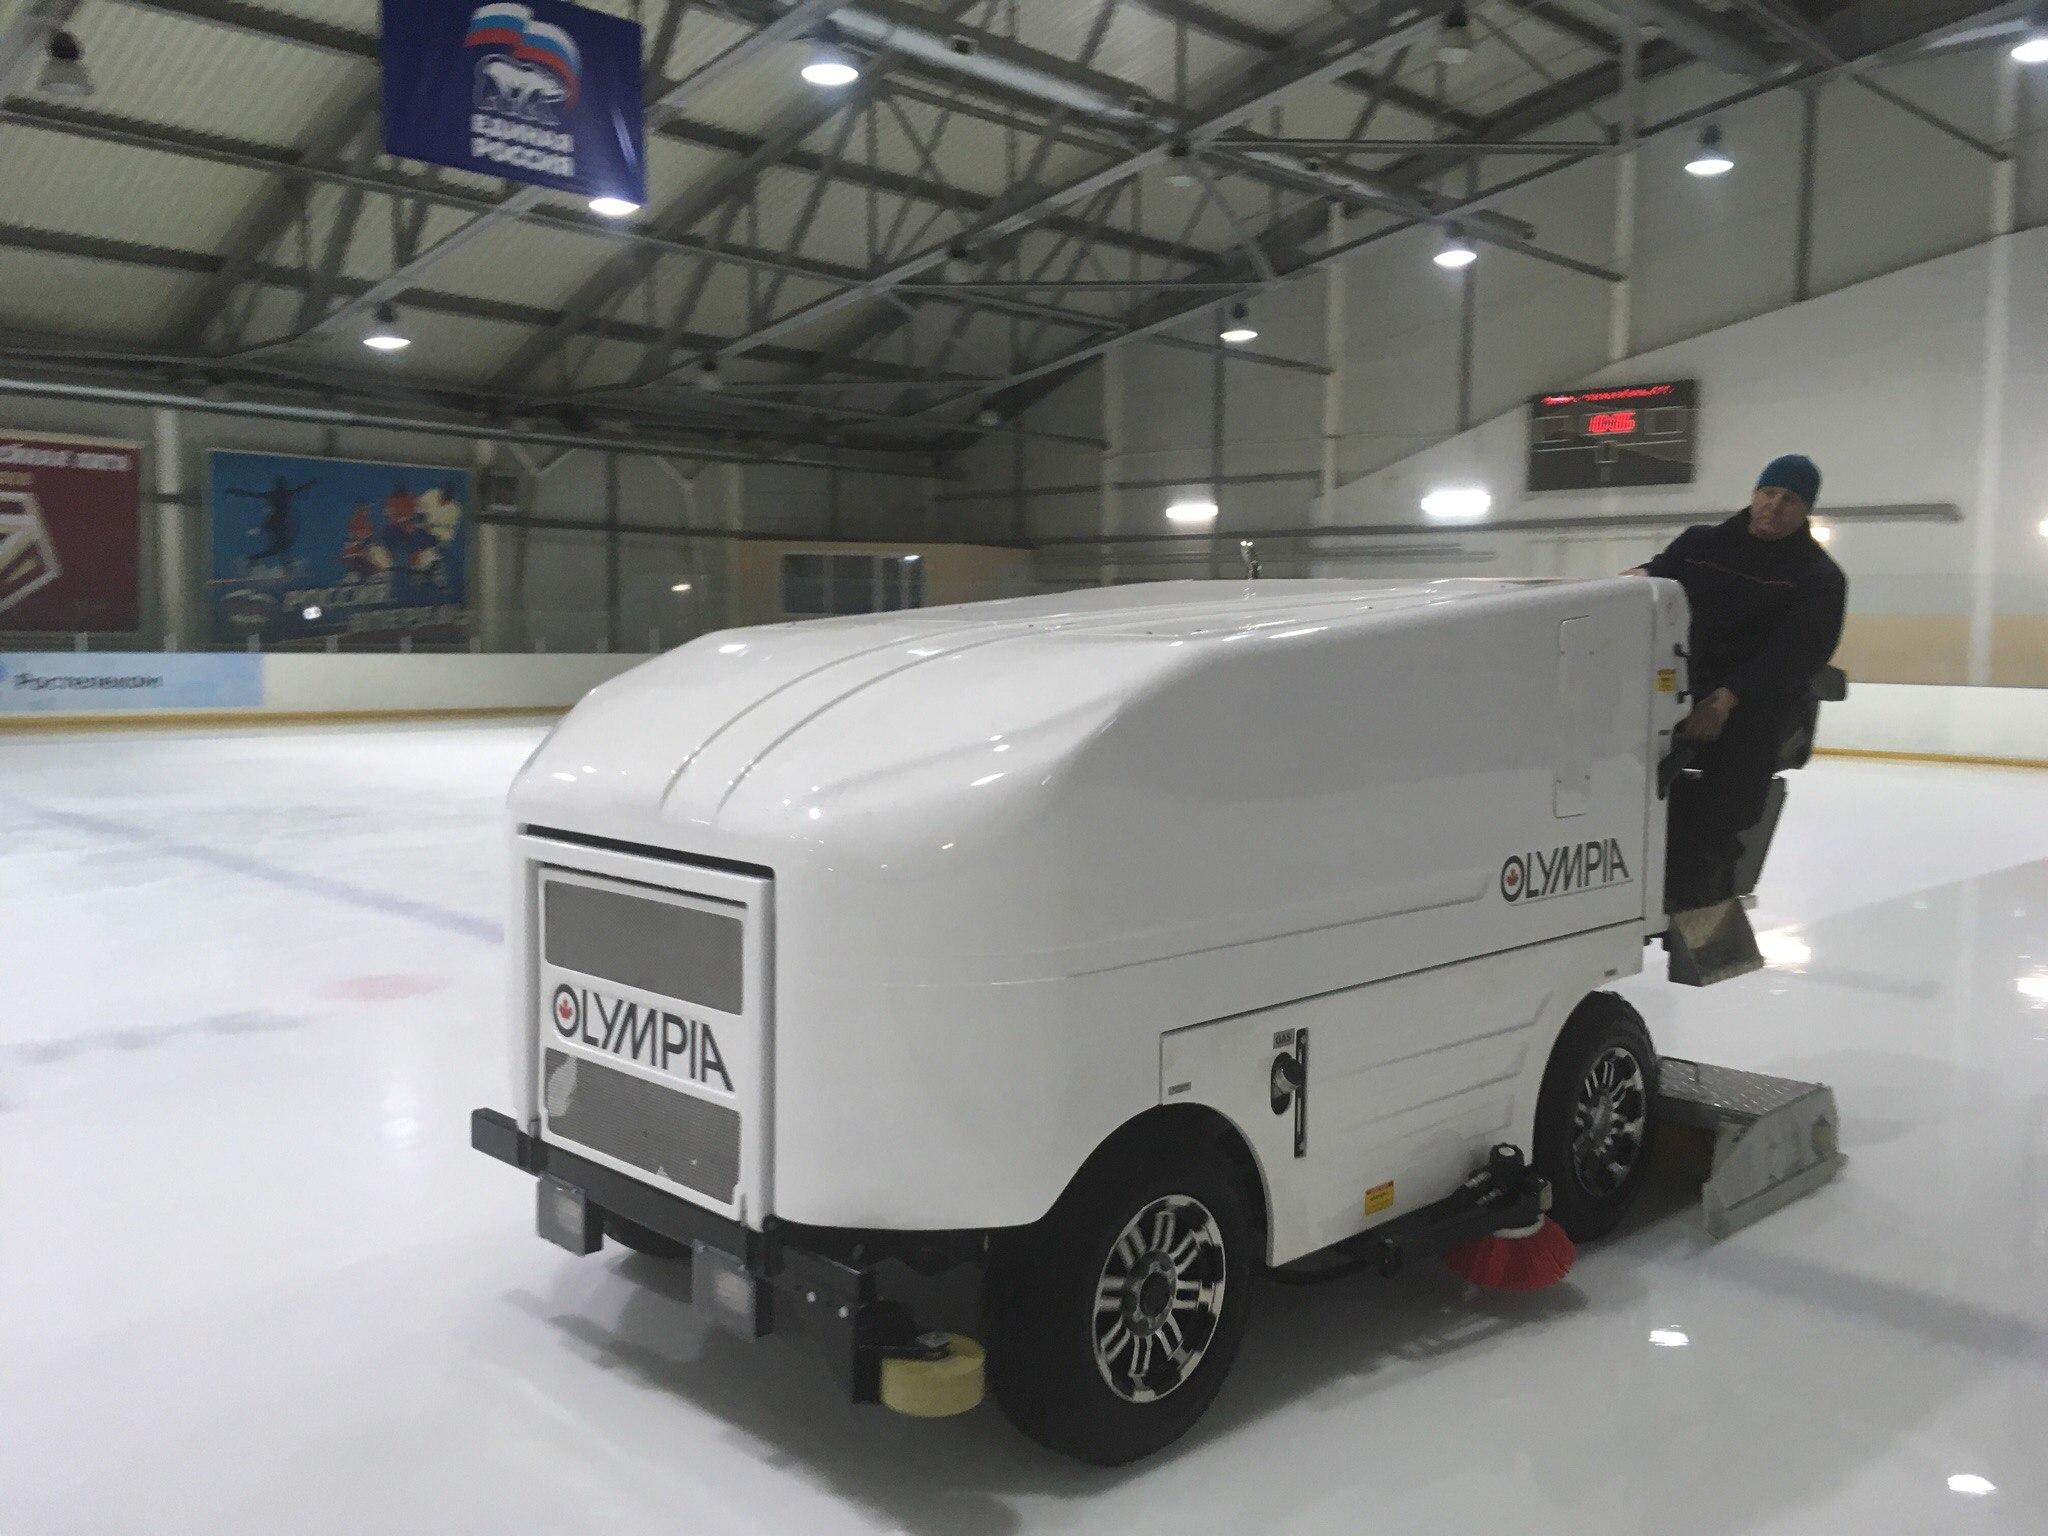 У спорткомплекса «Арена» новая машина для заливки льда